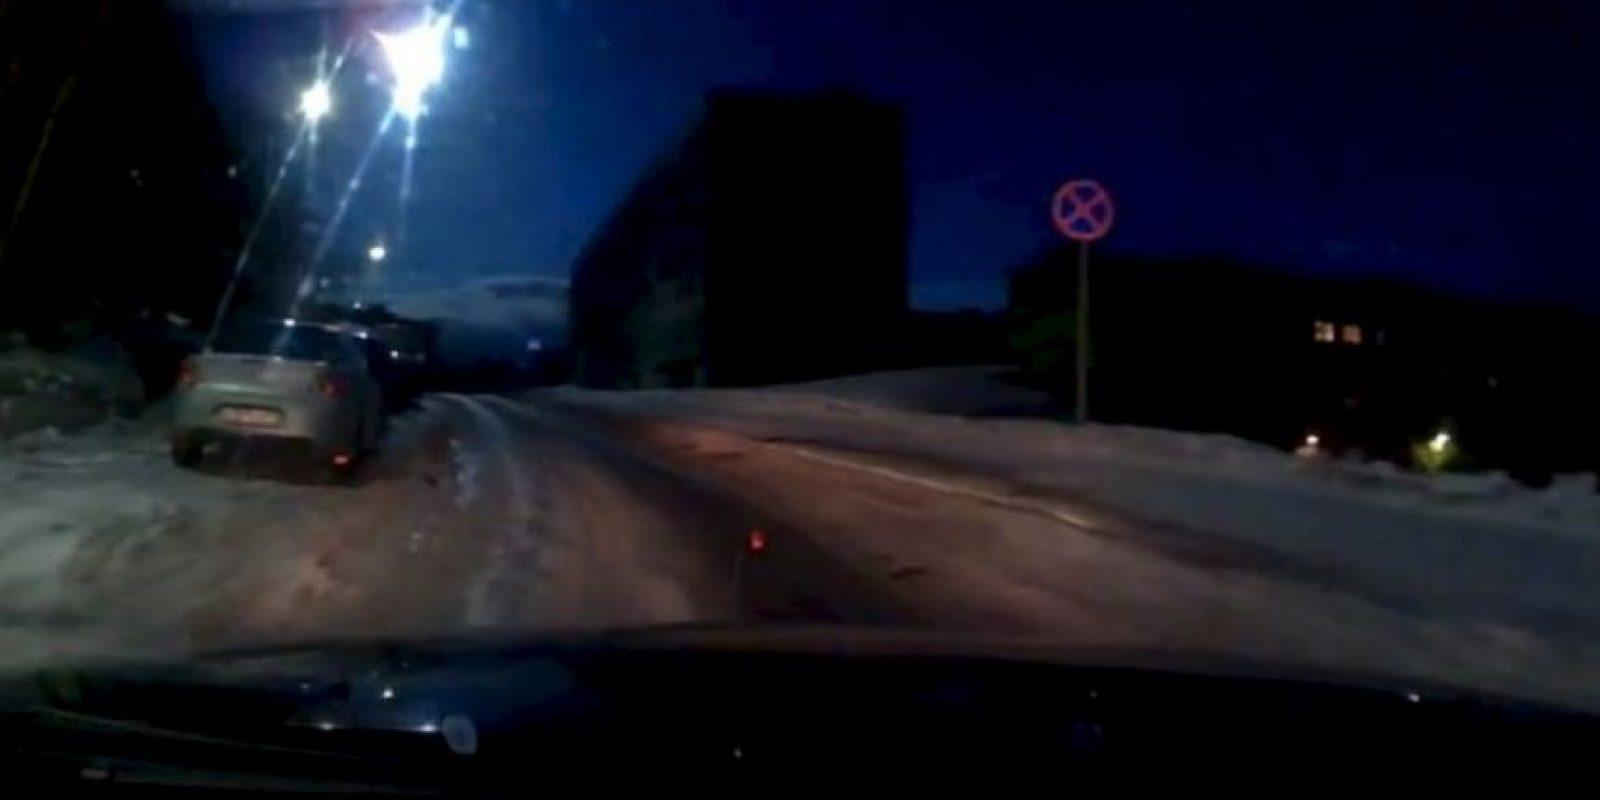 En el video difundido por el canal de Youtube 9plus0 se obseva la forma en que el cielo nocturno de Múrmansk se encendió durante unos segundos por un brillante destello de color azulado, provocado por el meteorito. Foto:YouTube.com – Archivo